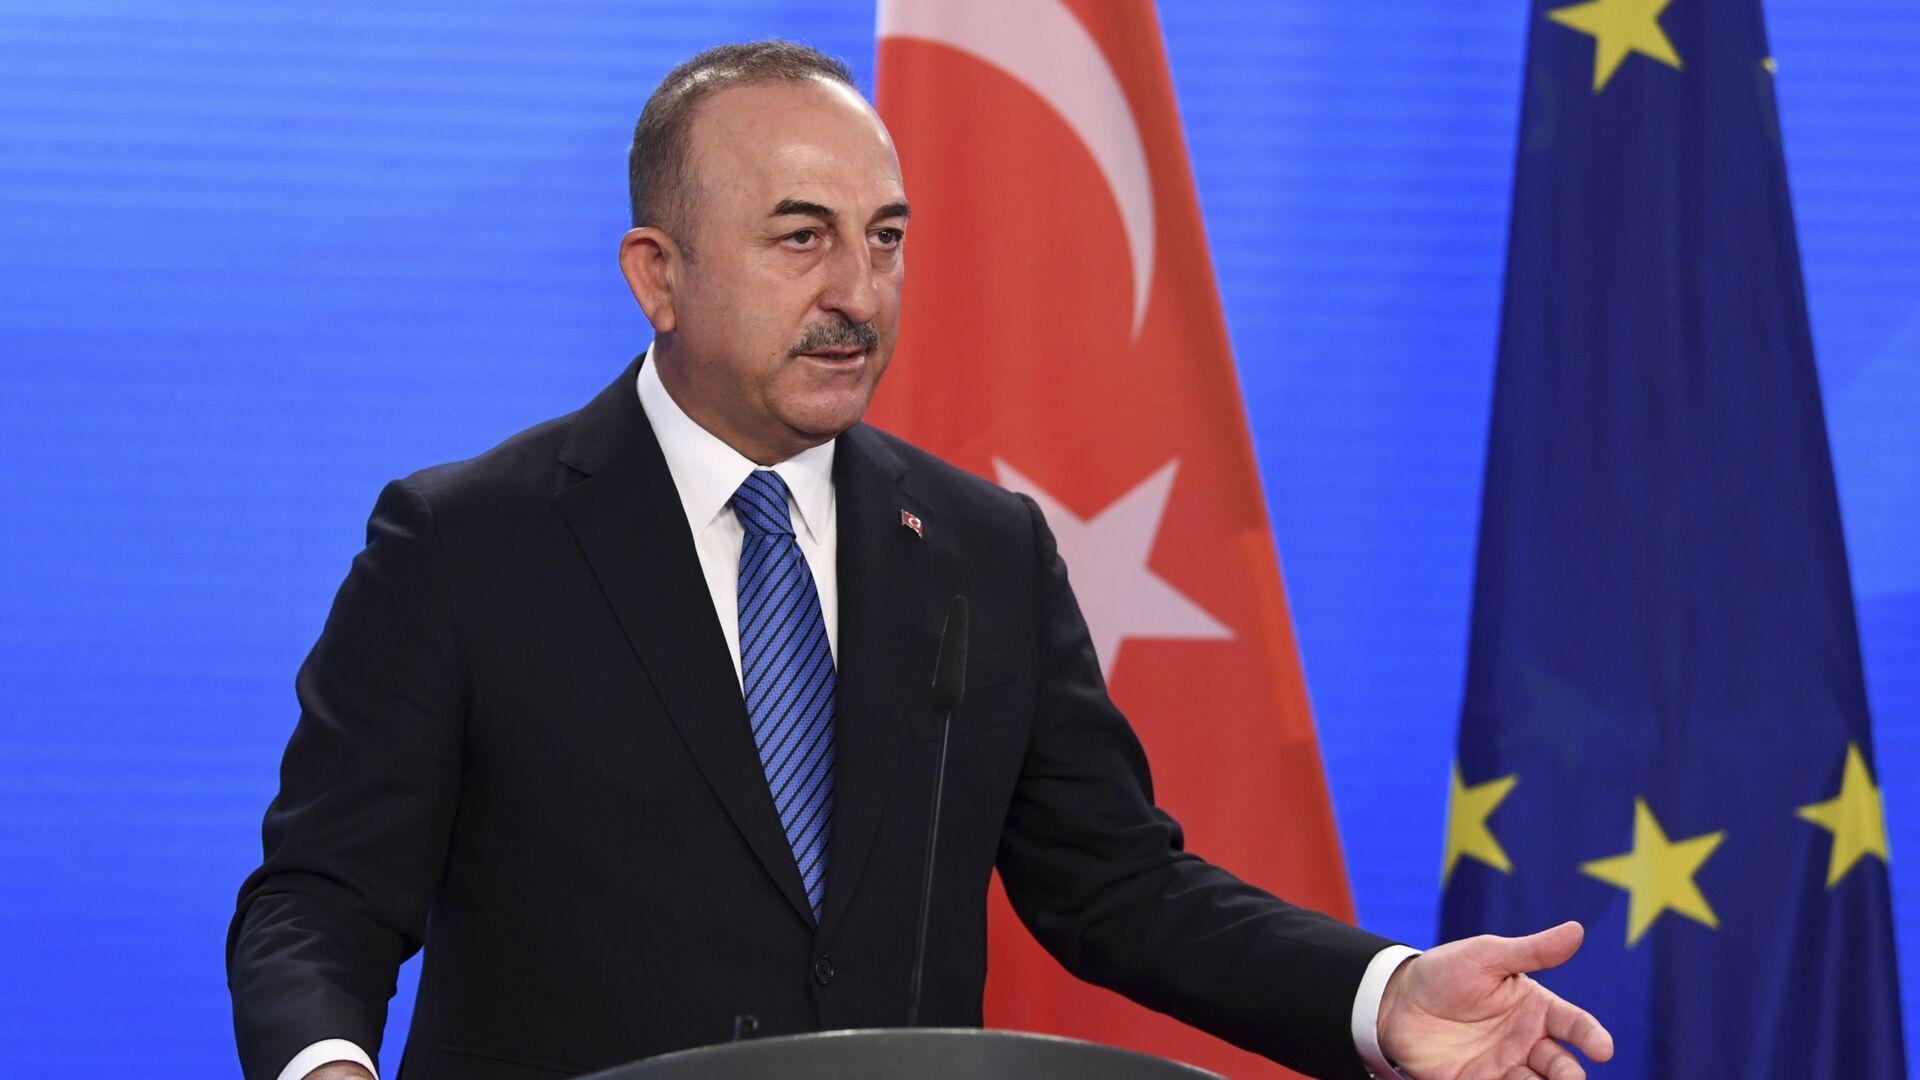 Министр иностранных дел Турции Мевлют Чавушоглу, фото из архива - Sputnik Азербайджан, 1920, 14.08.2021